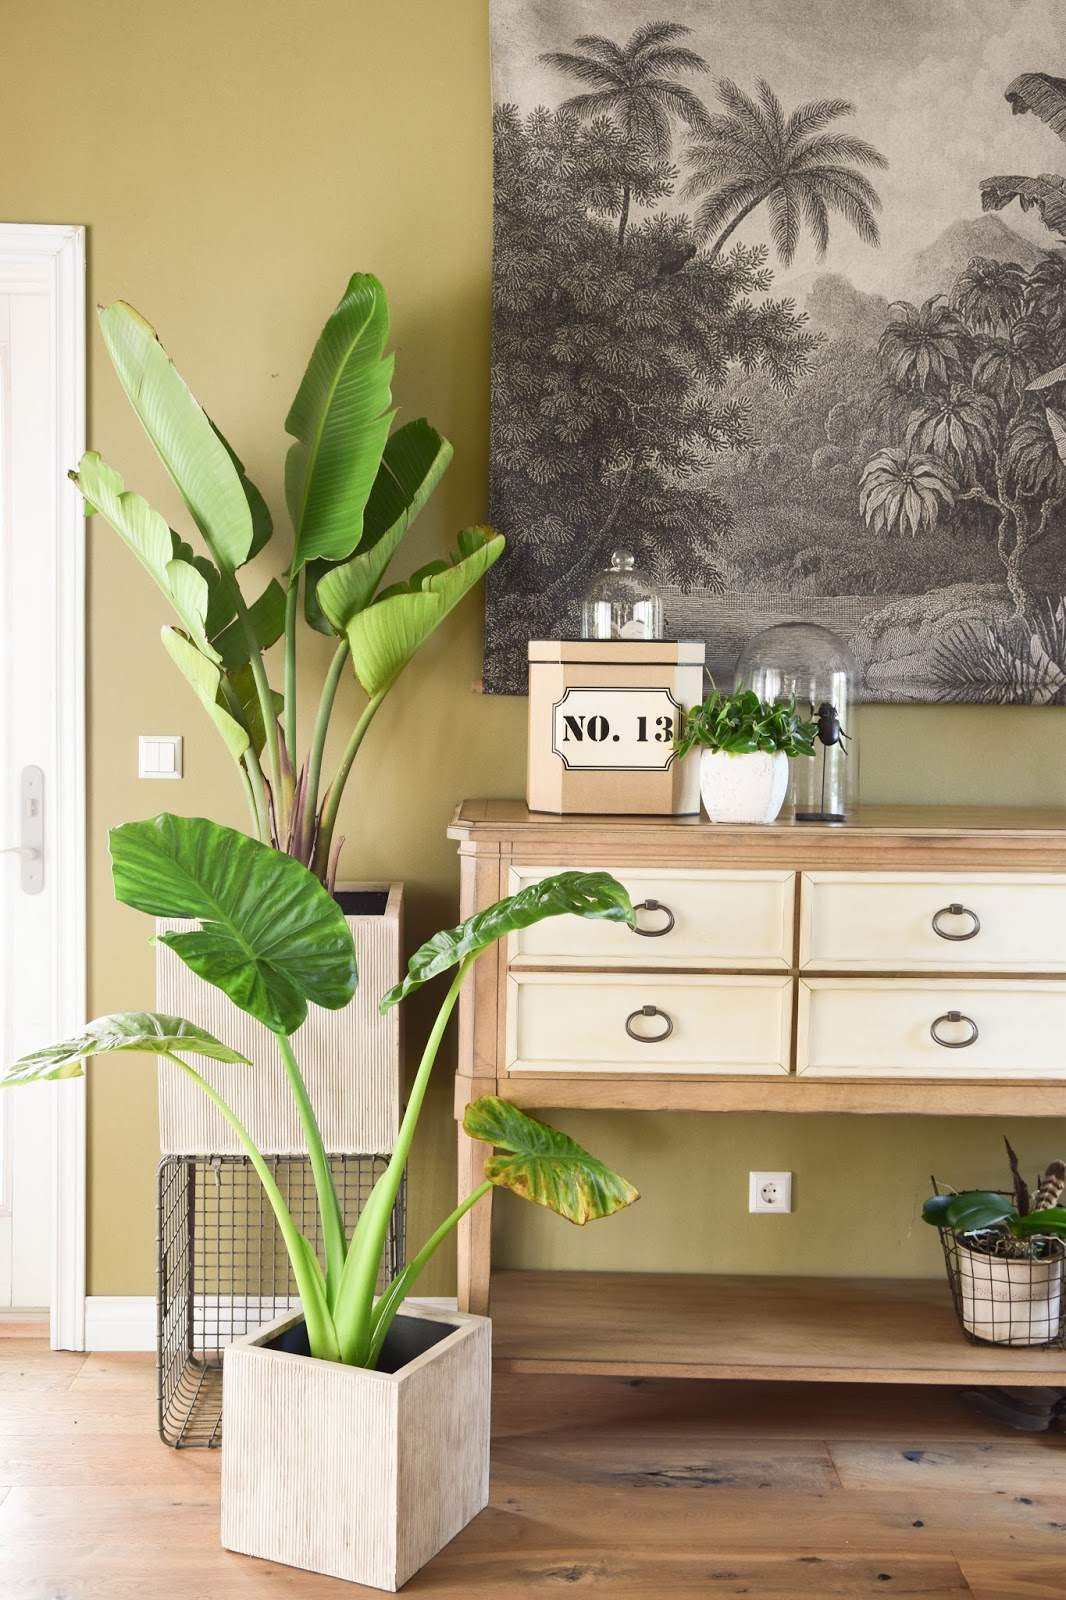 mein neues wohnzimmer gem tlich gr n und mit einer prise abenteuer eclectic hamilton. Black Bedroom Furniture Sets. Home Design Ideas